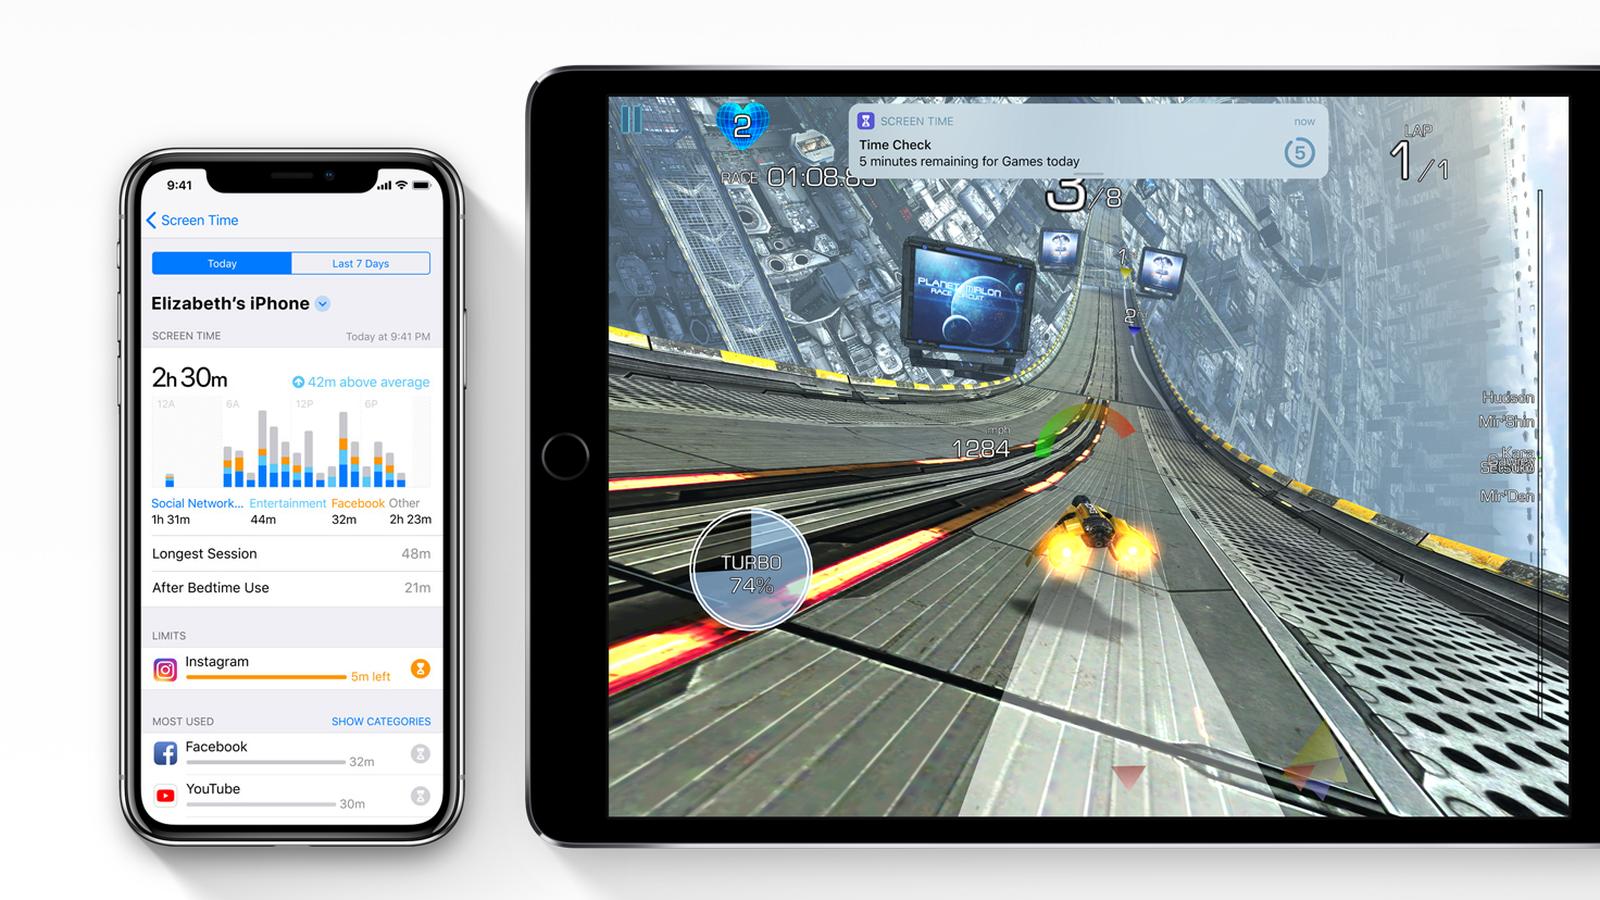 Limitando el tiempo de utilización de un juego remotamente, con iOS 12